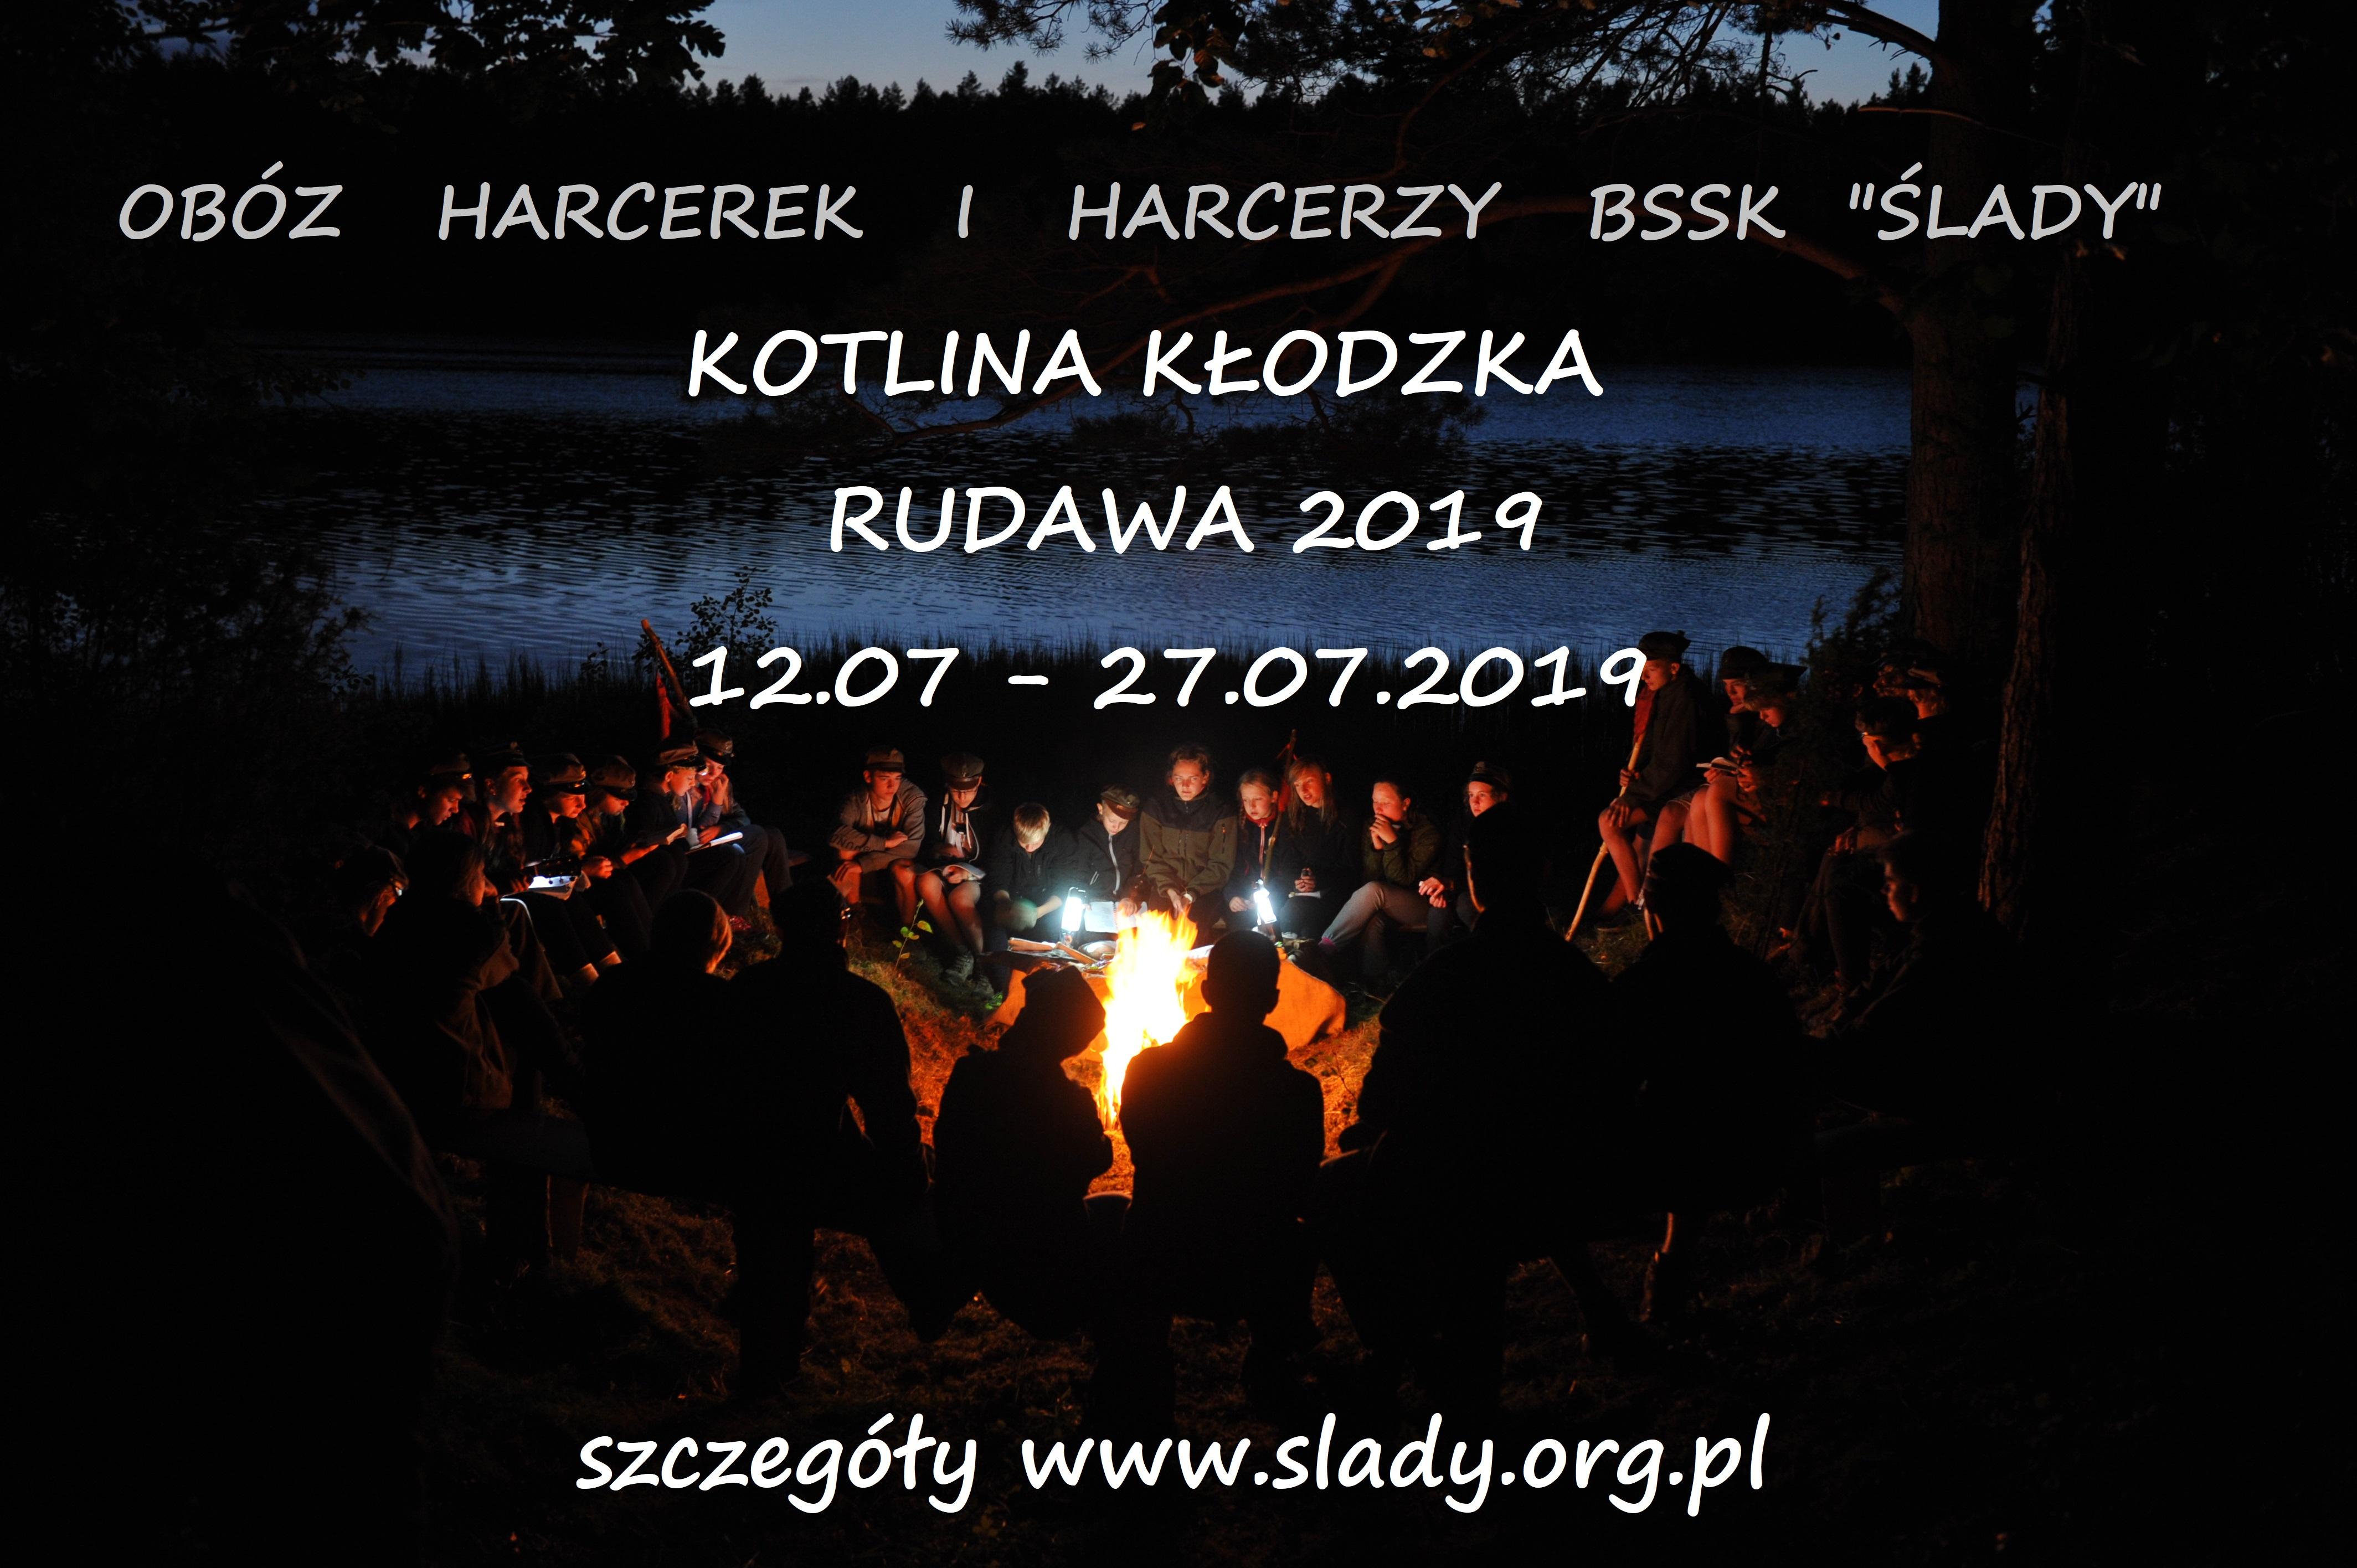 """OBÓZ   HARCERSKI   2019   BSSK   """"ŚLADY"""""""